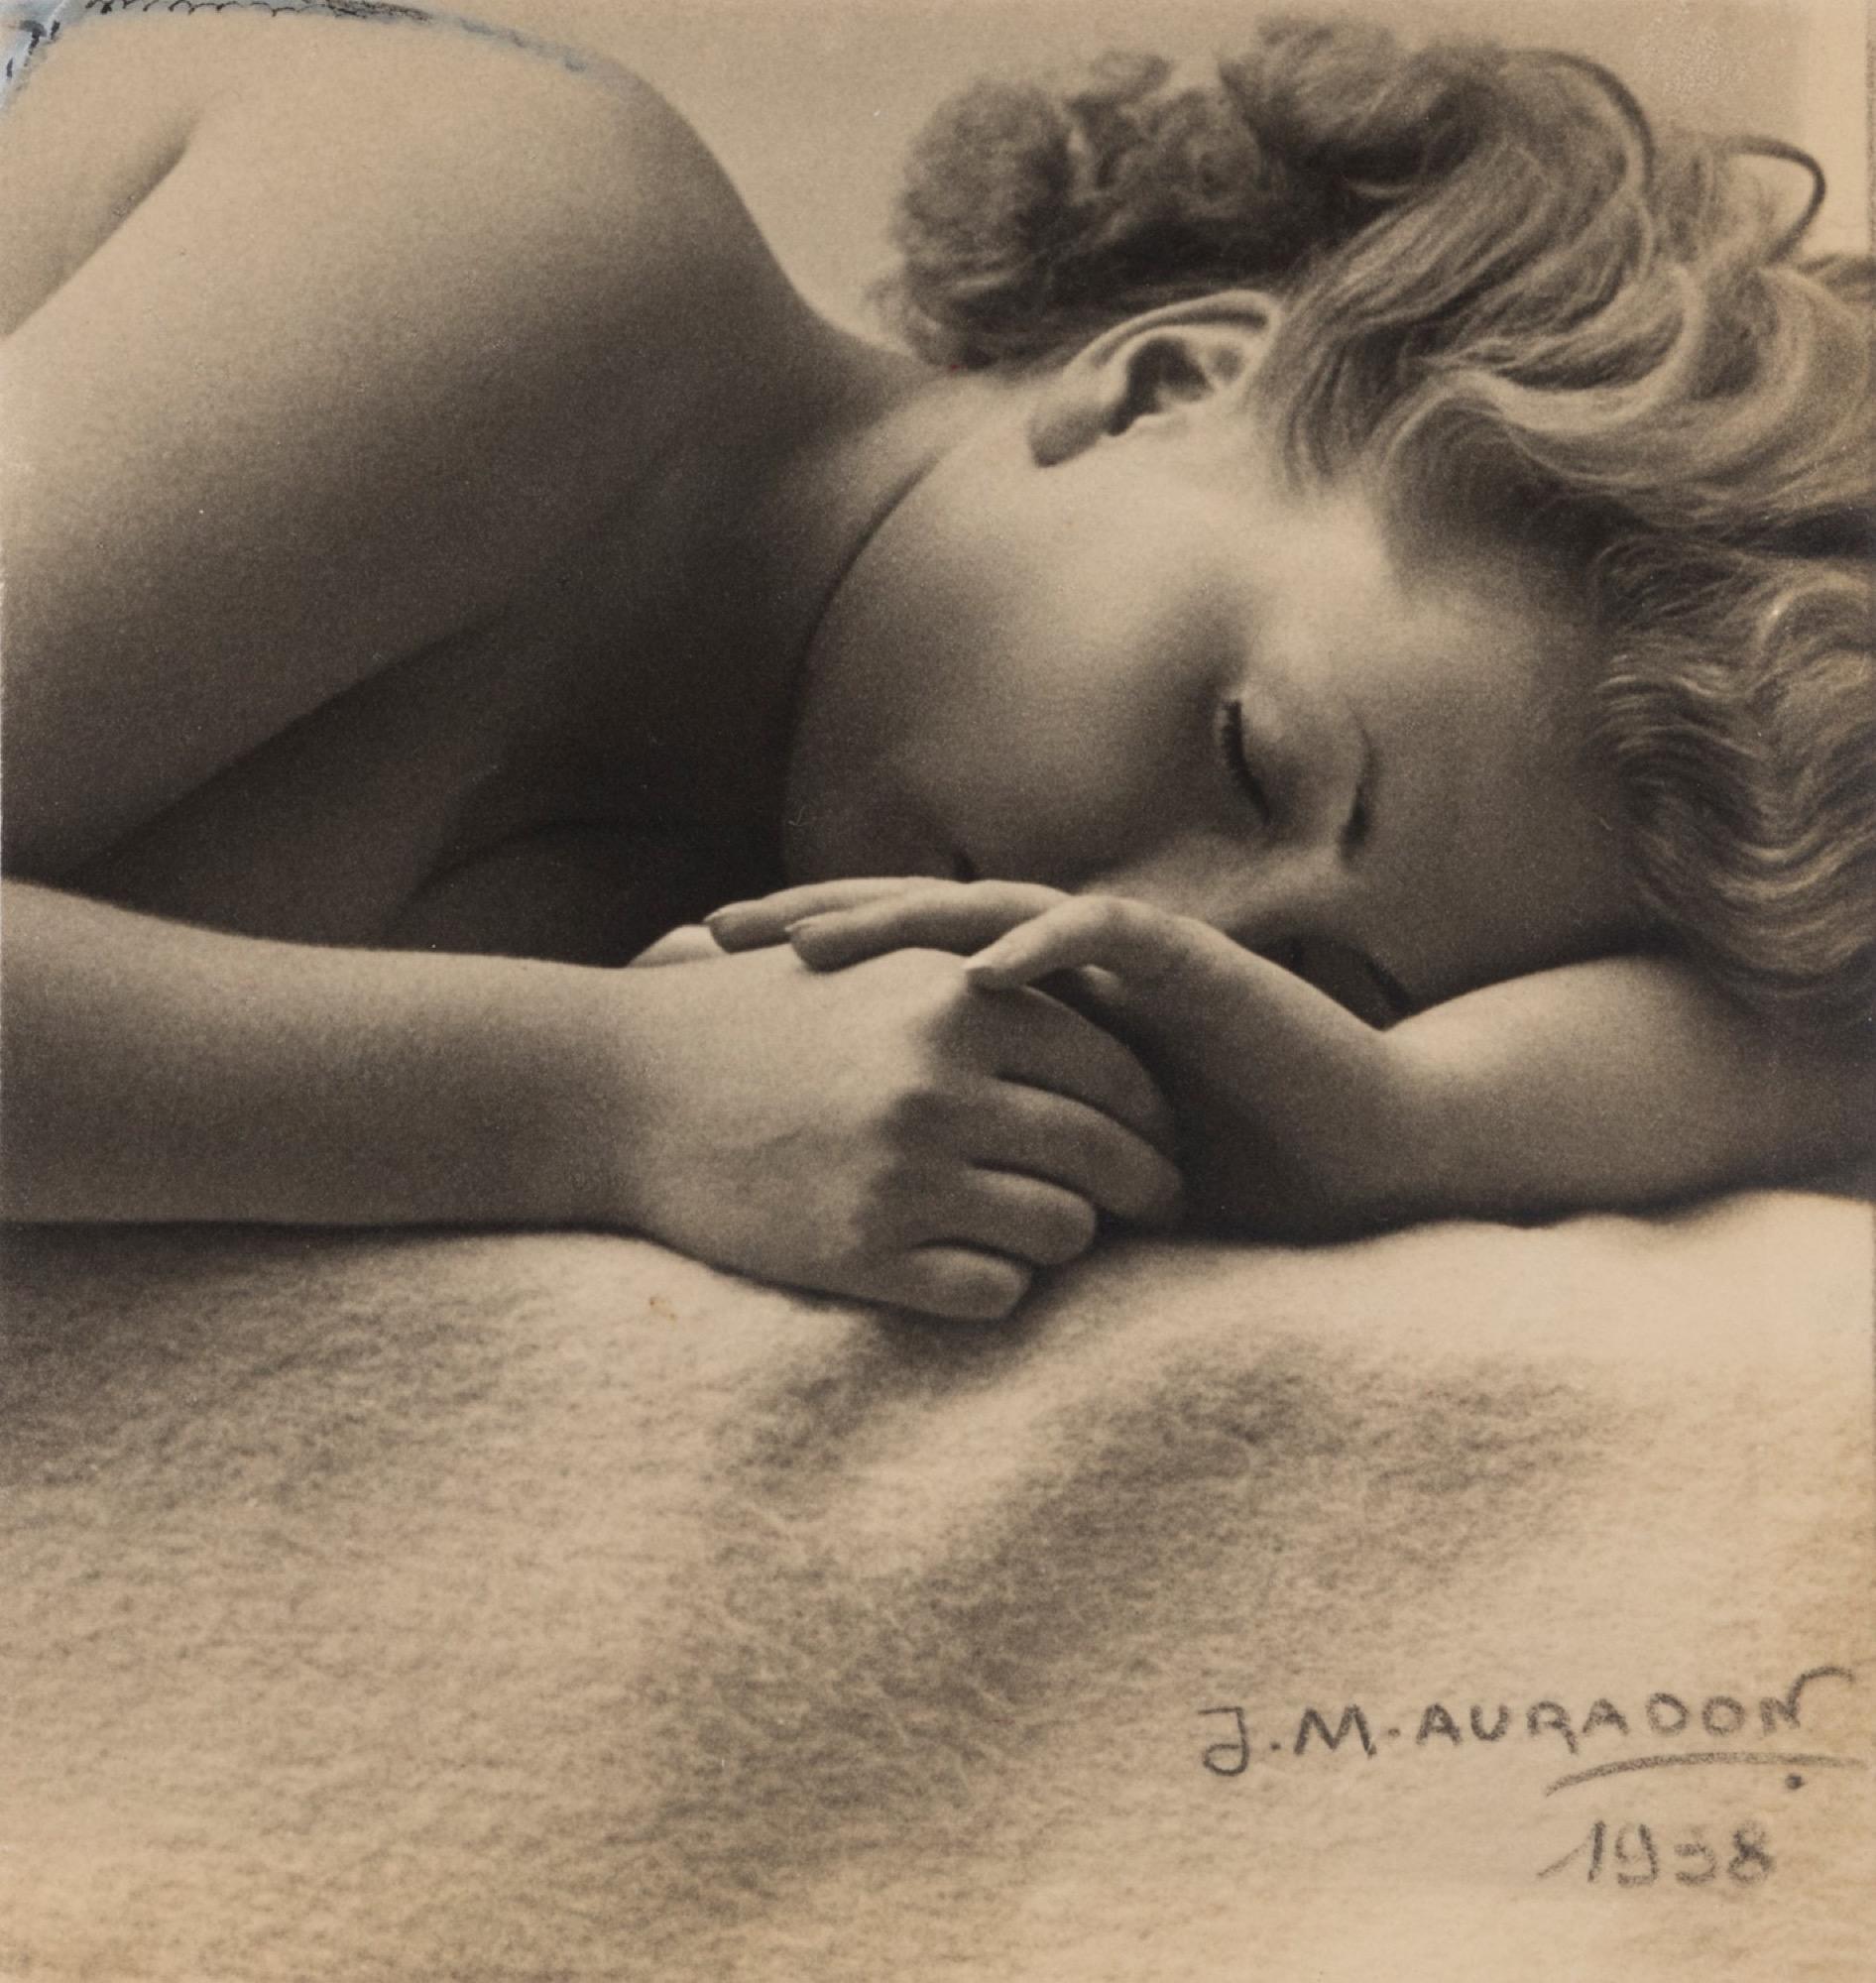 Pierre Auradon (1900-1988) - Untitled (Woman), 1938 - Vintage gelatin silver print [...]